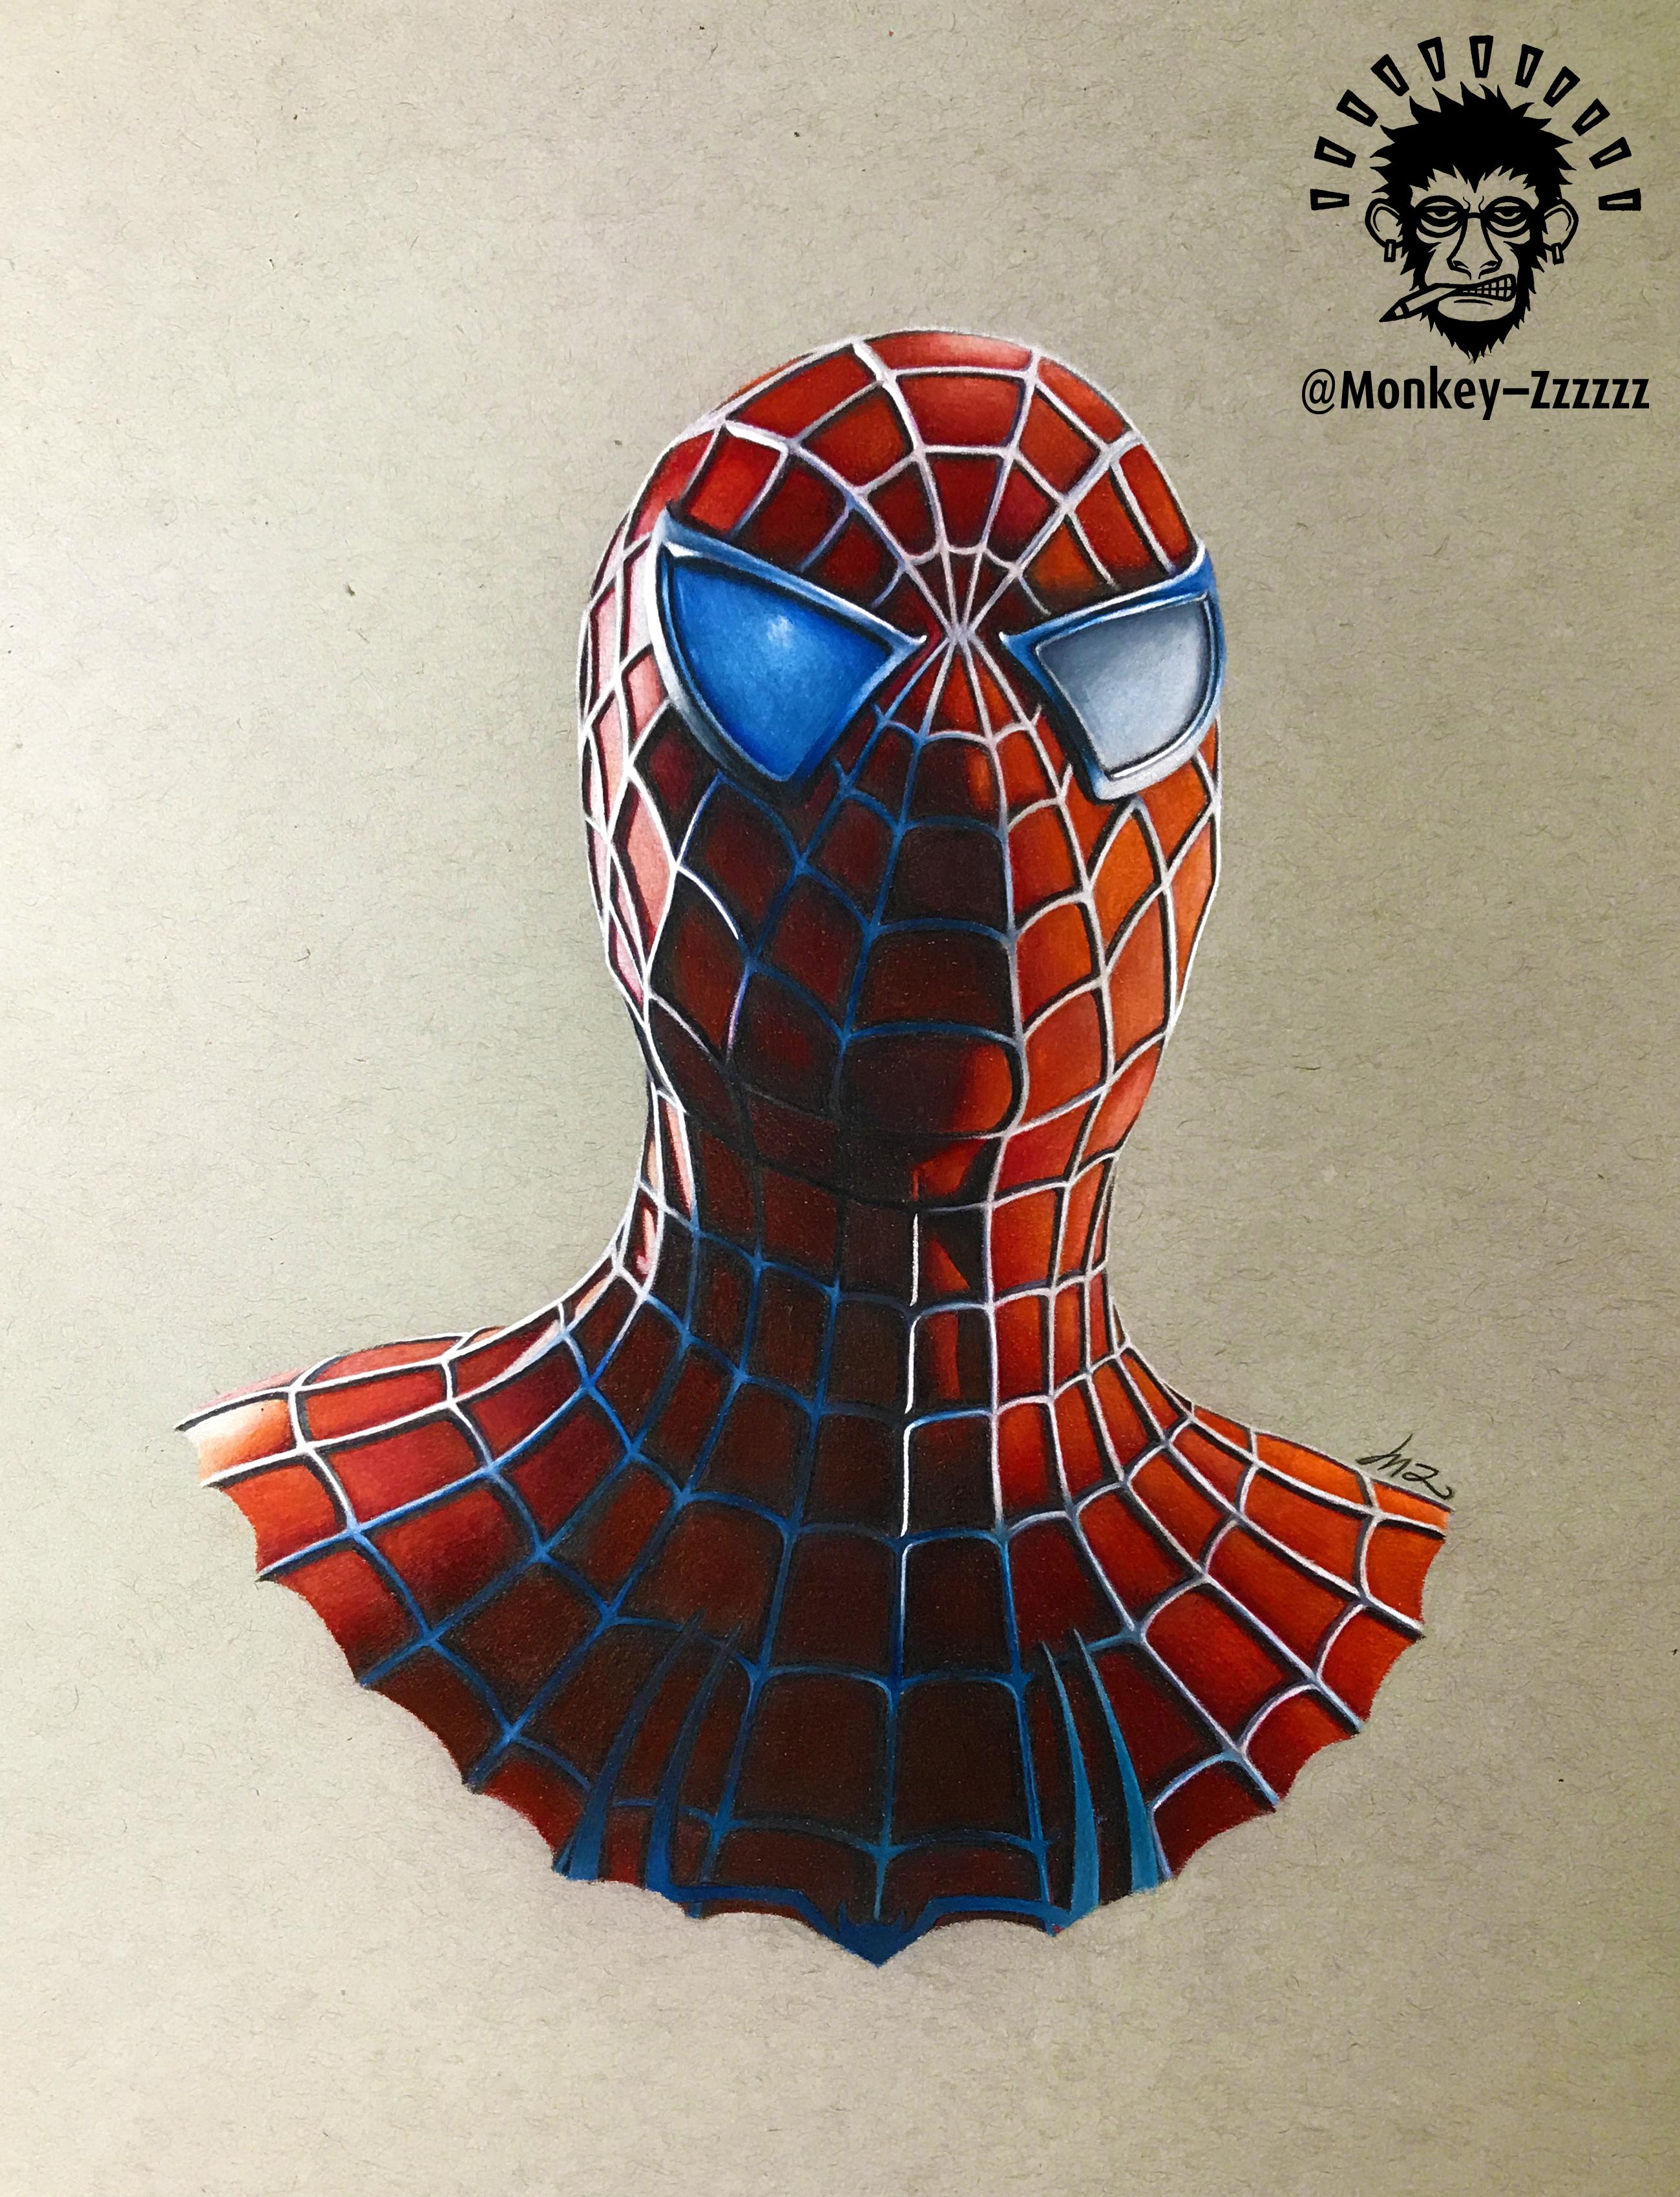 彩铅手绘-漫威英雄-蜘蛛侠